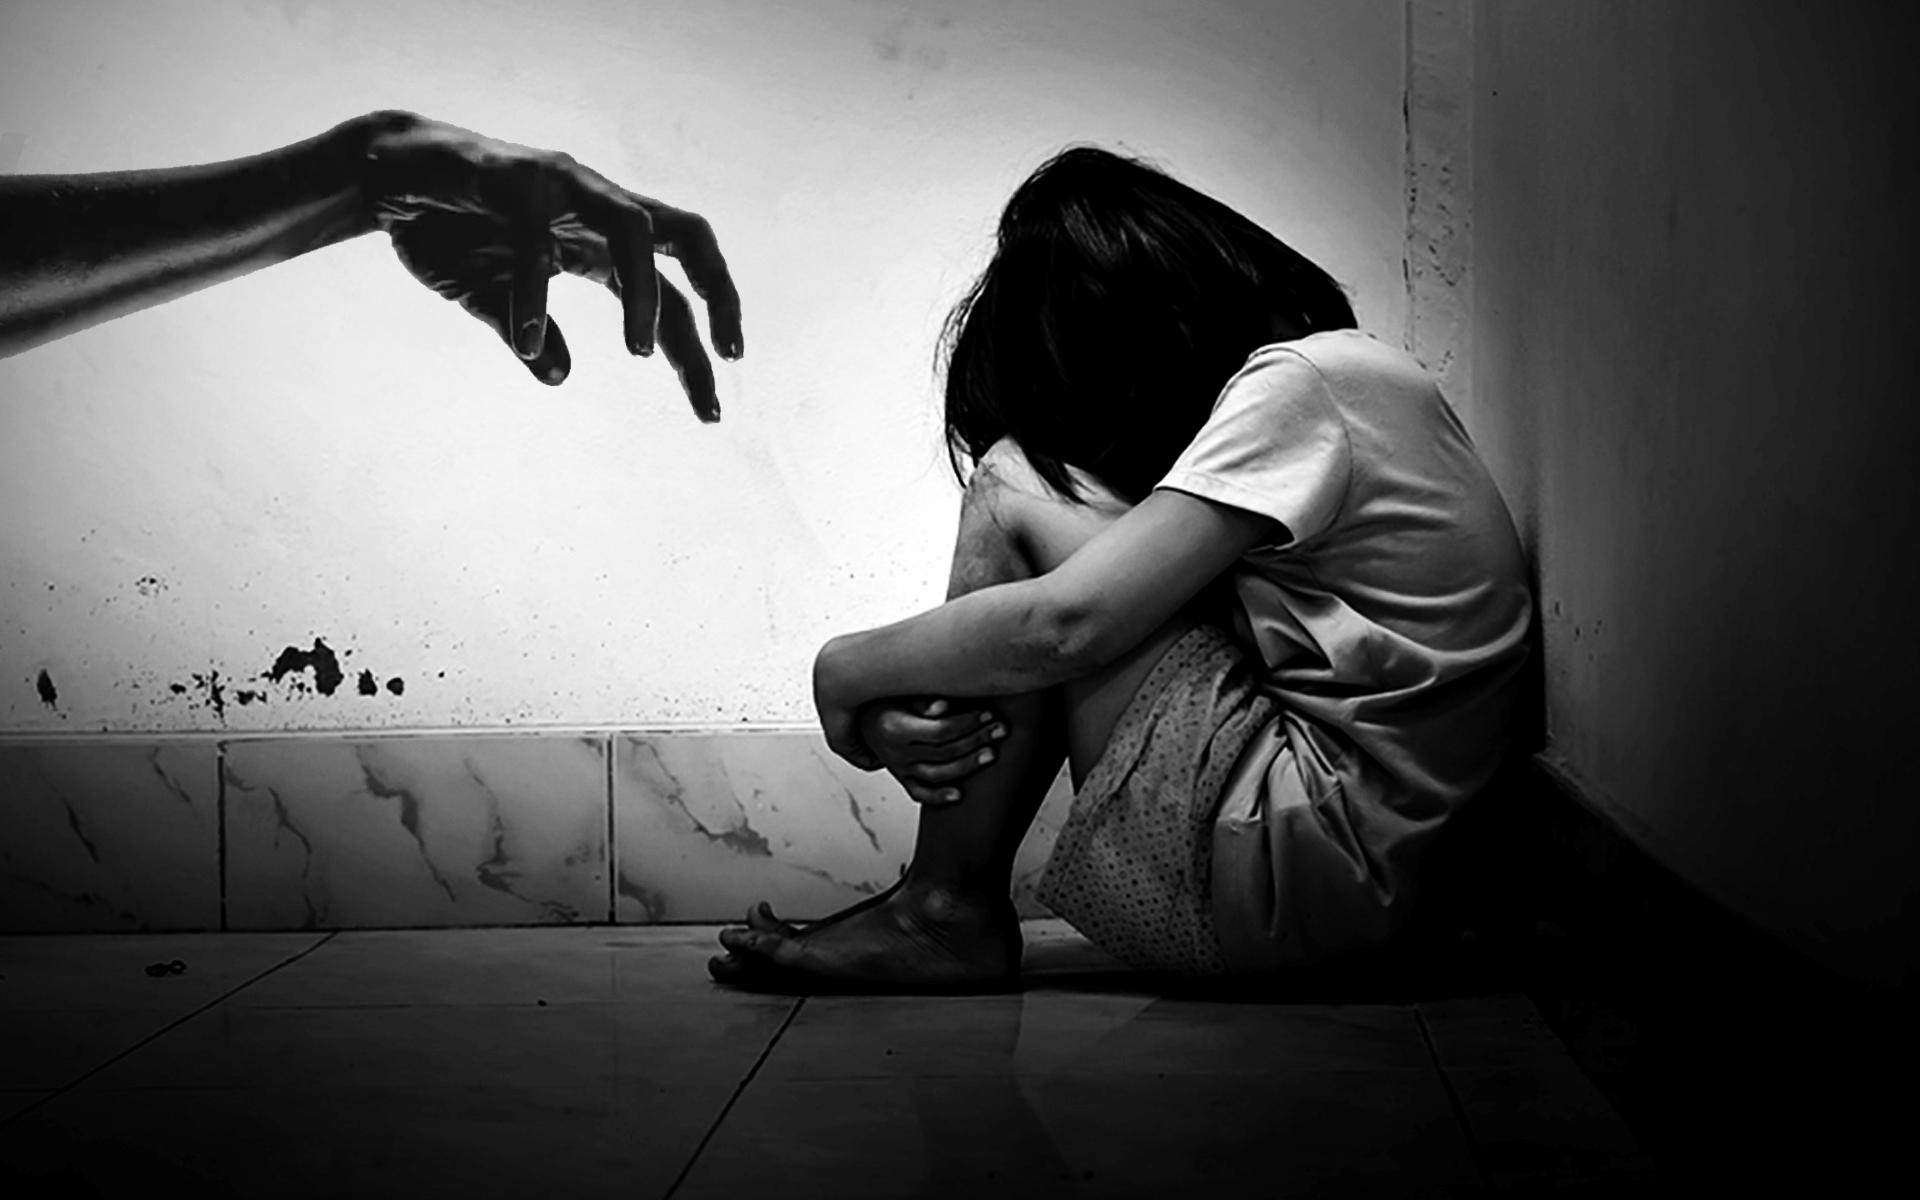 Death Sentence for Child Rapist » IILS Blog